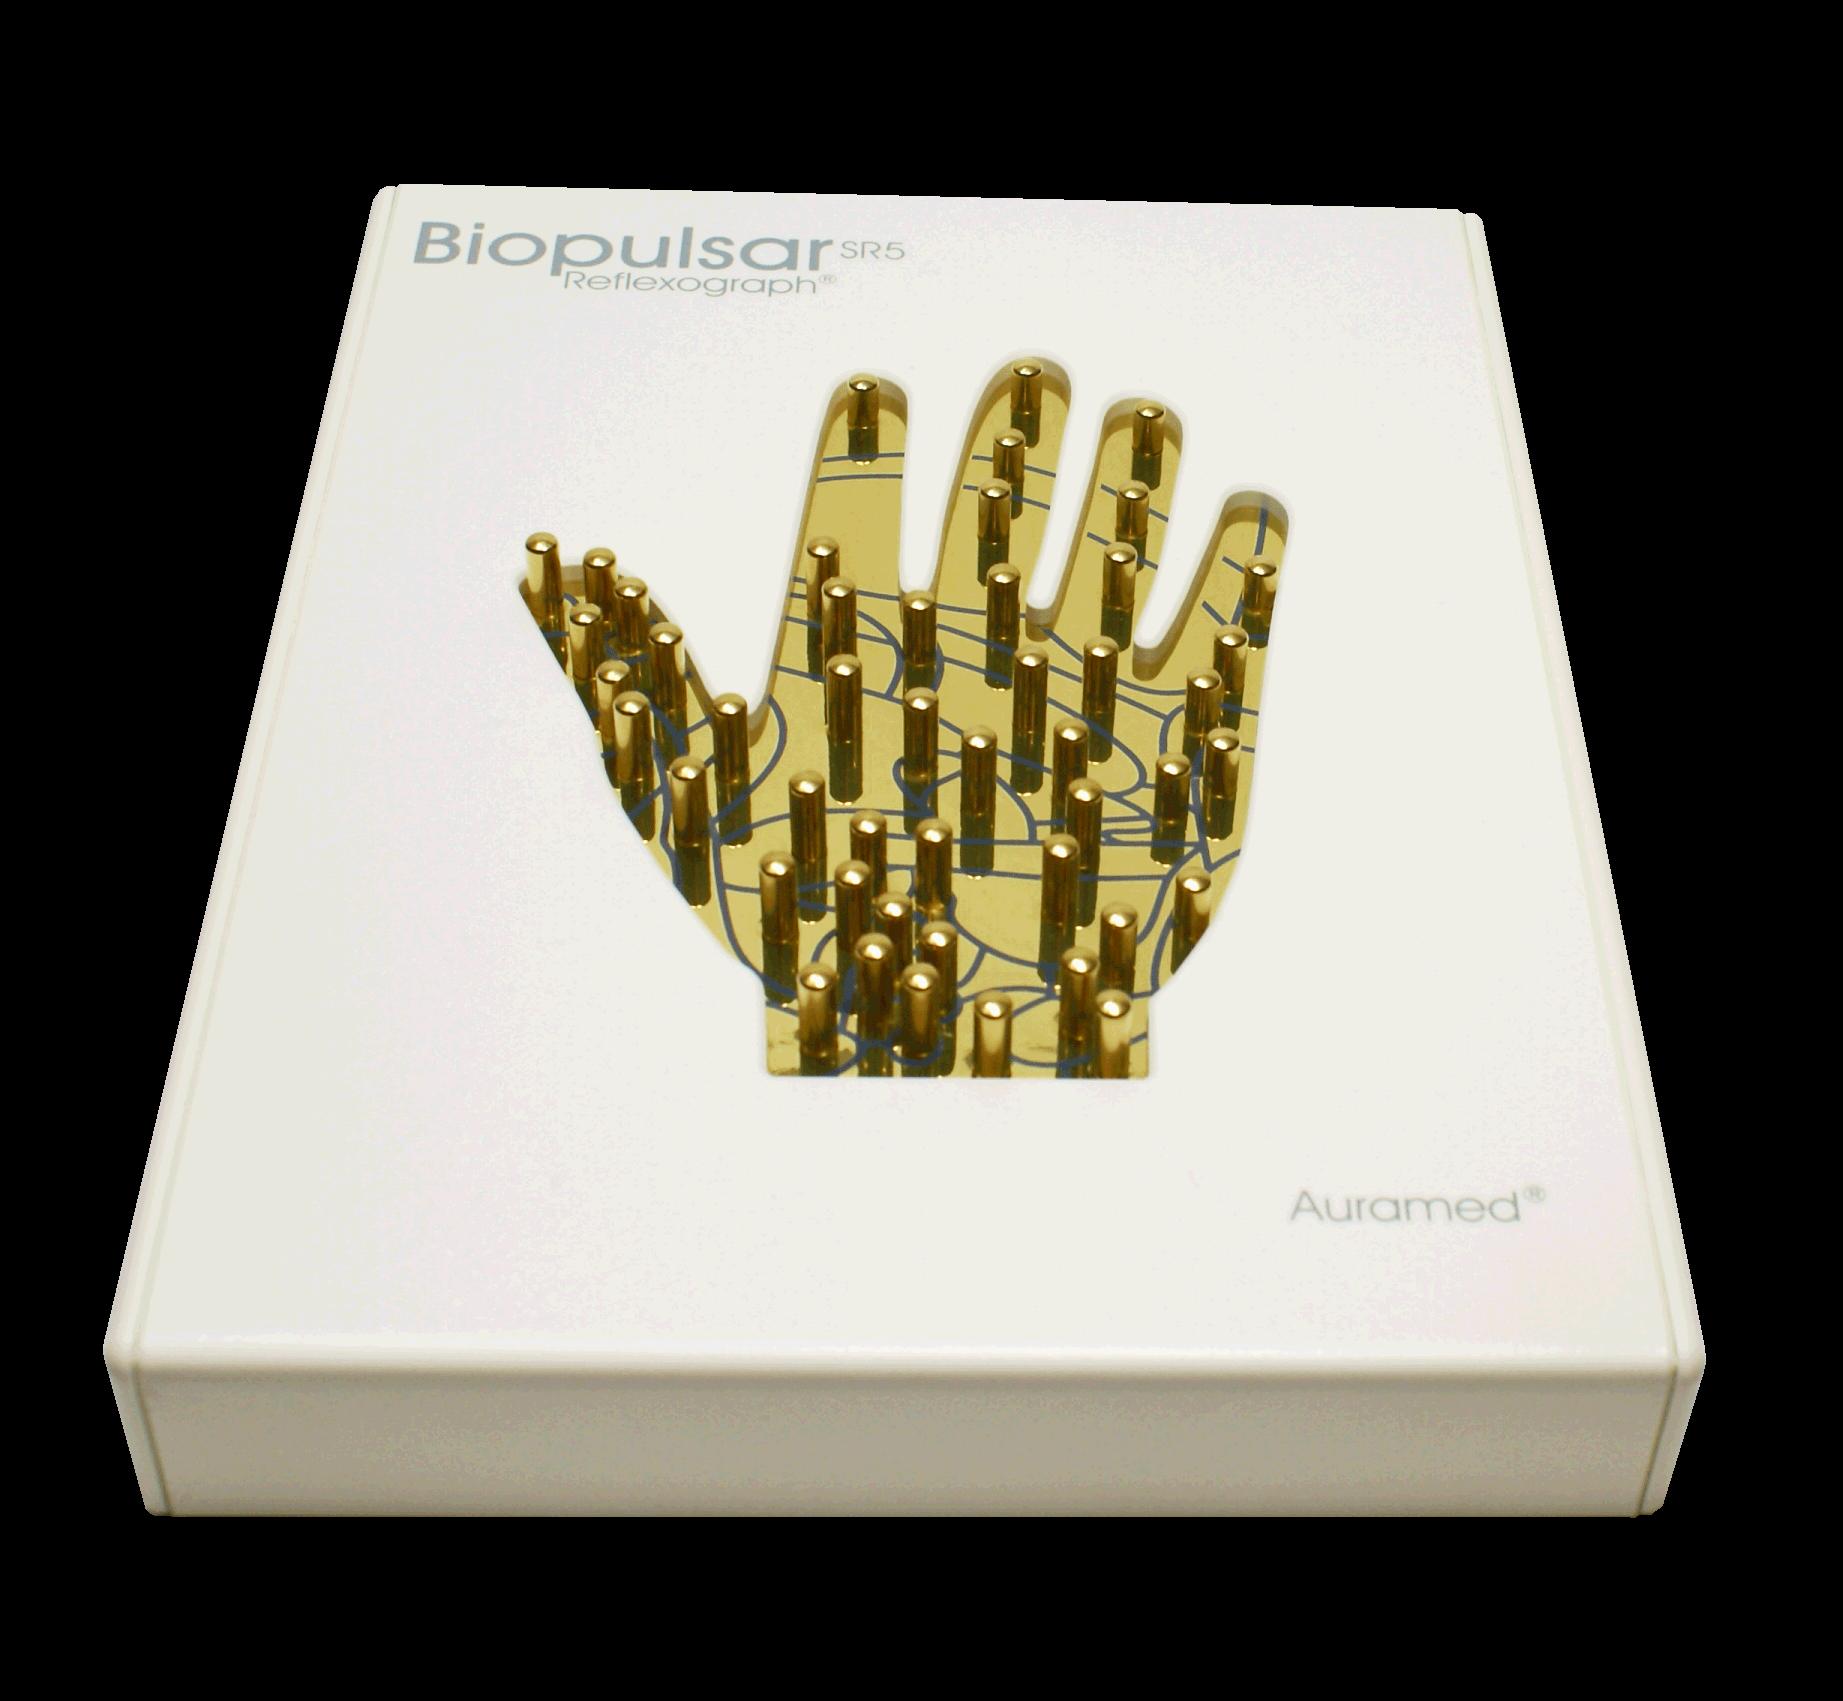 1-Hand Biofeedback-Sensor zur Reflexzonentherapie